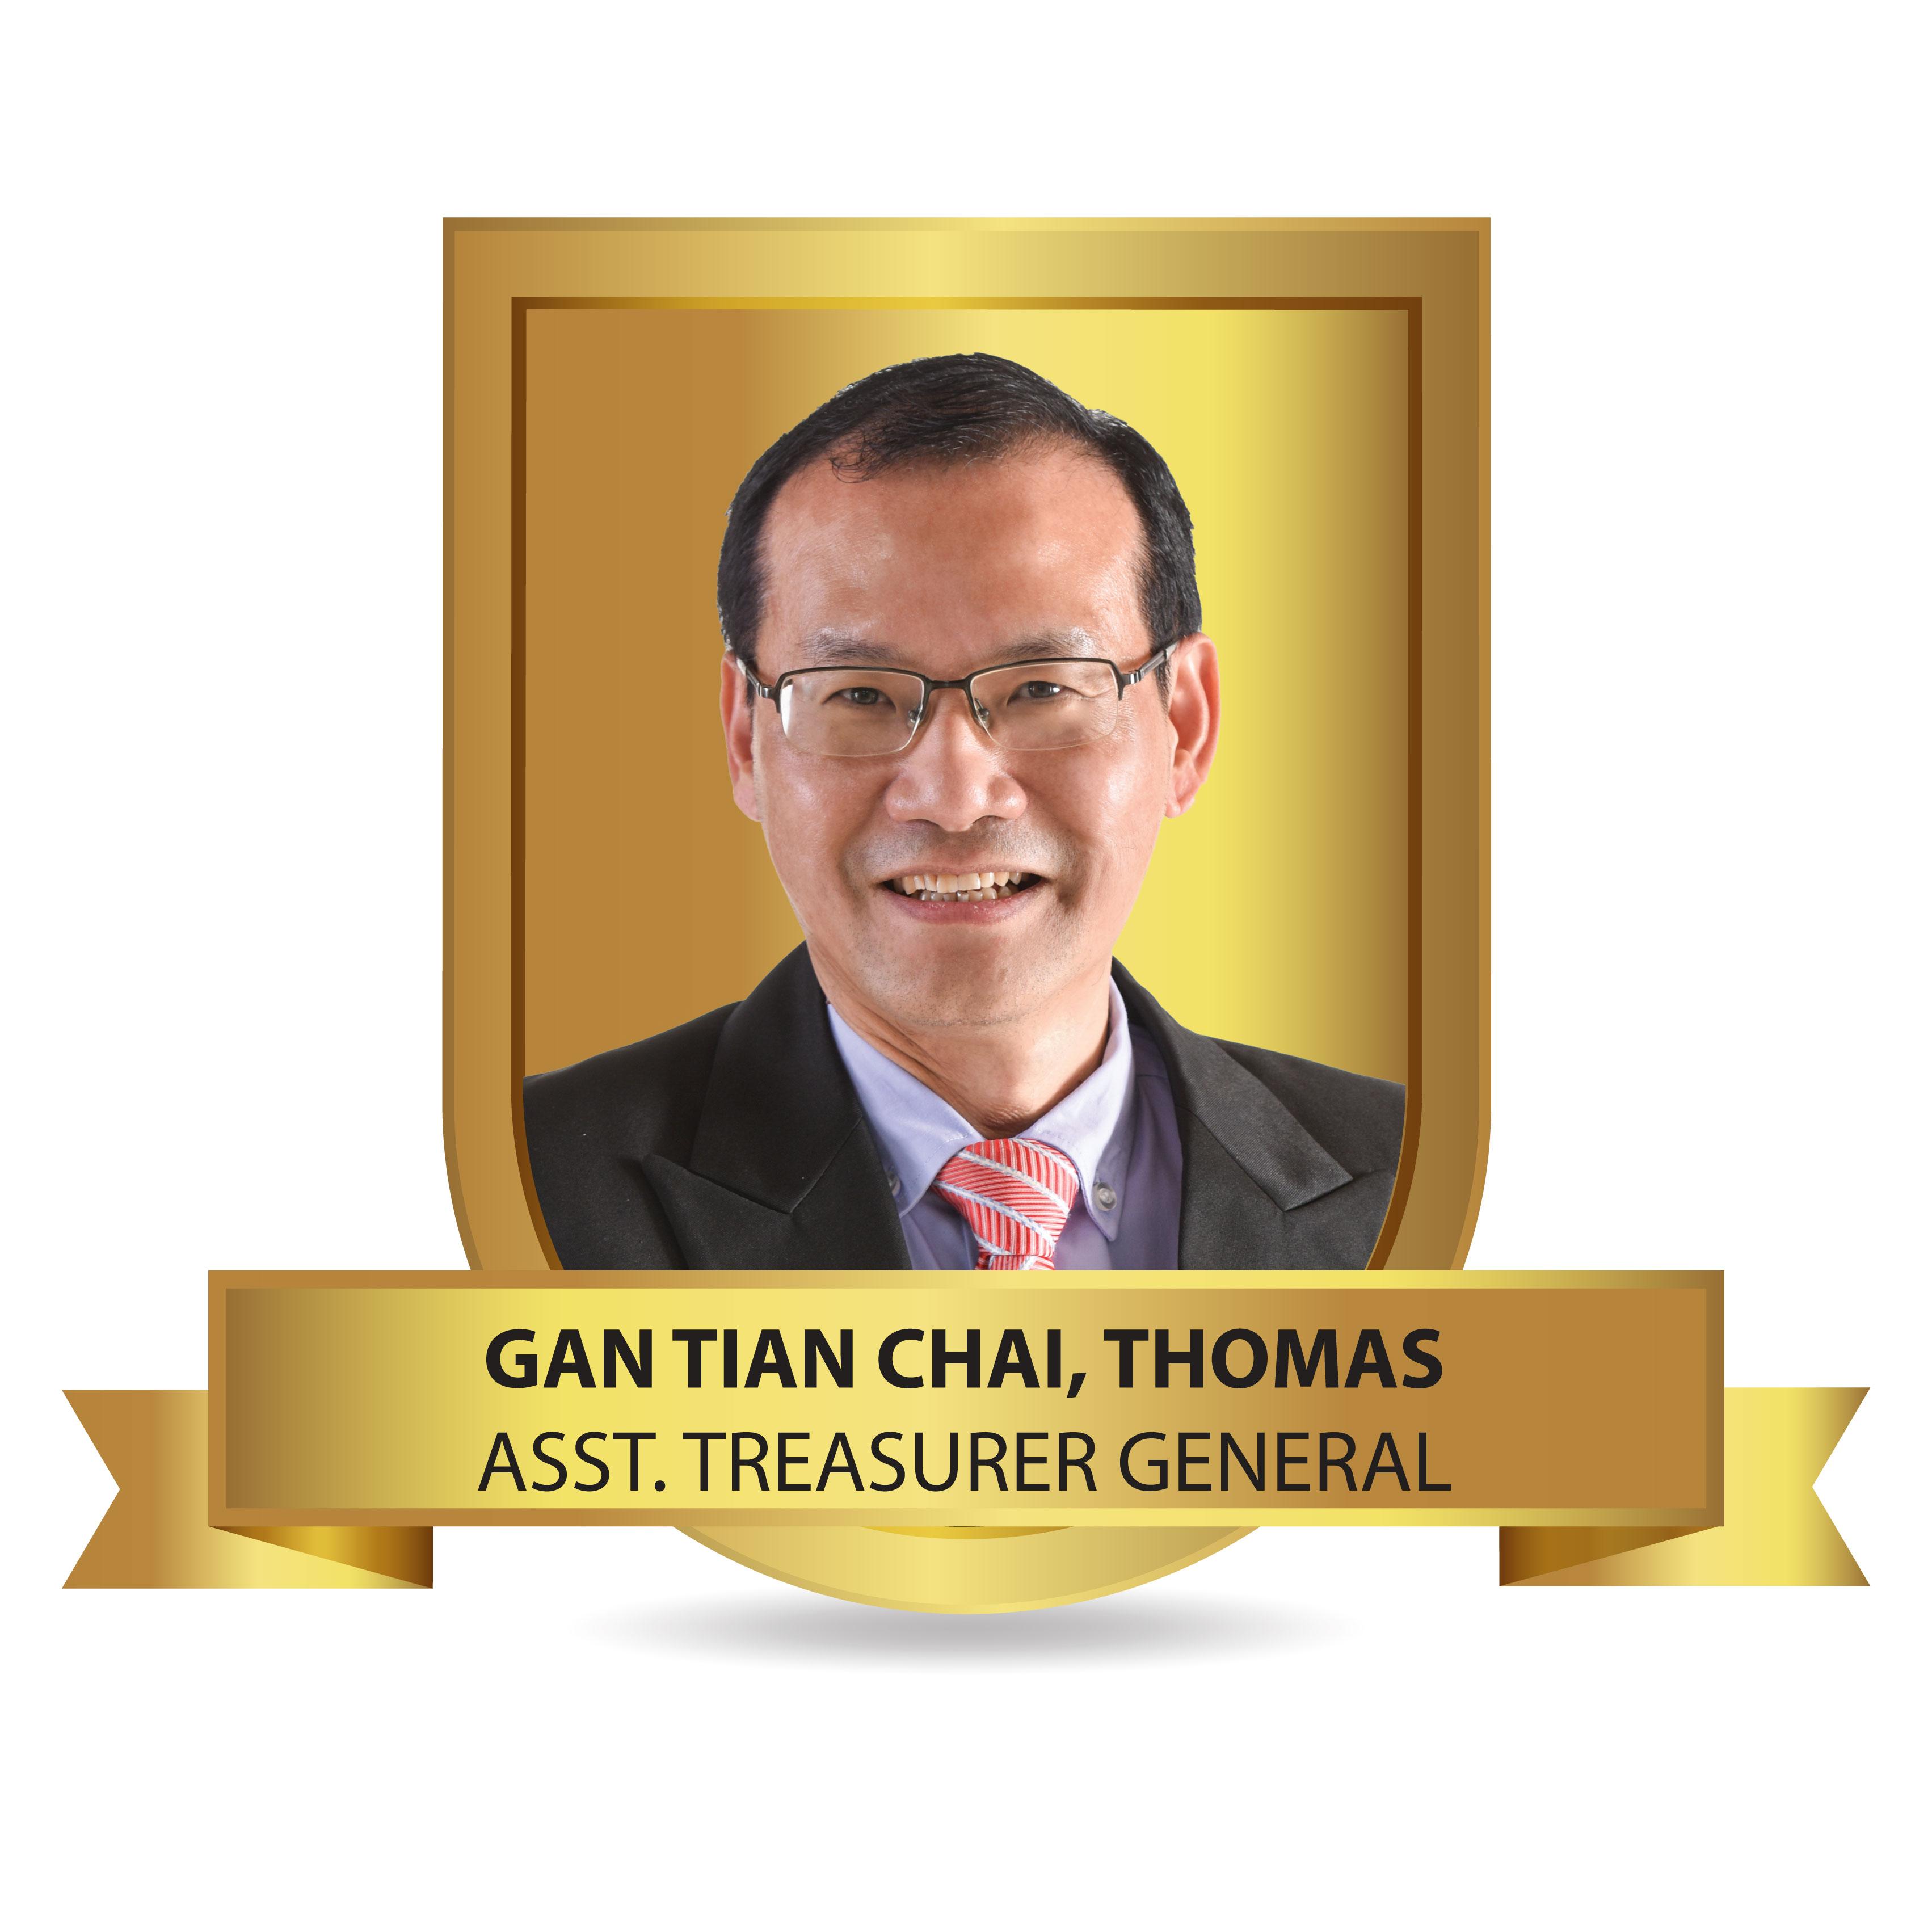 gan-tian-chai-01